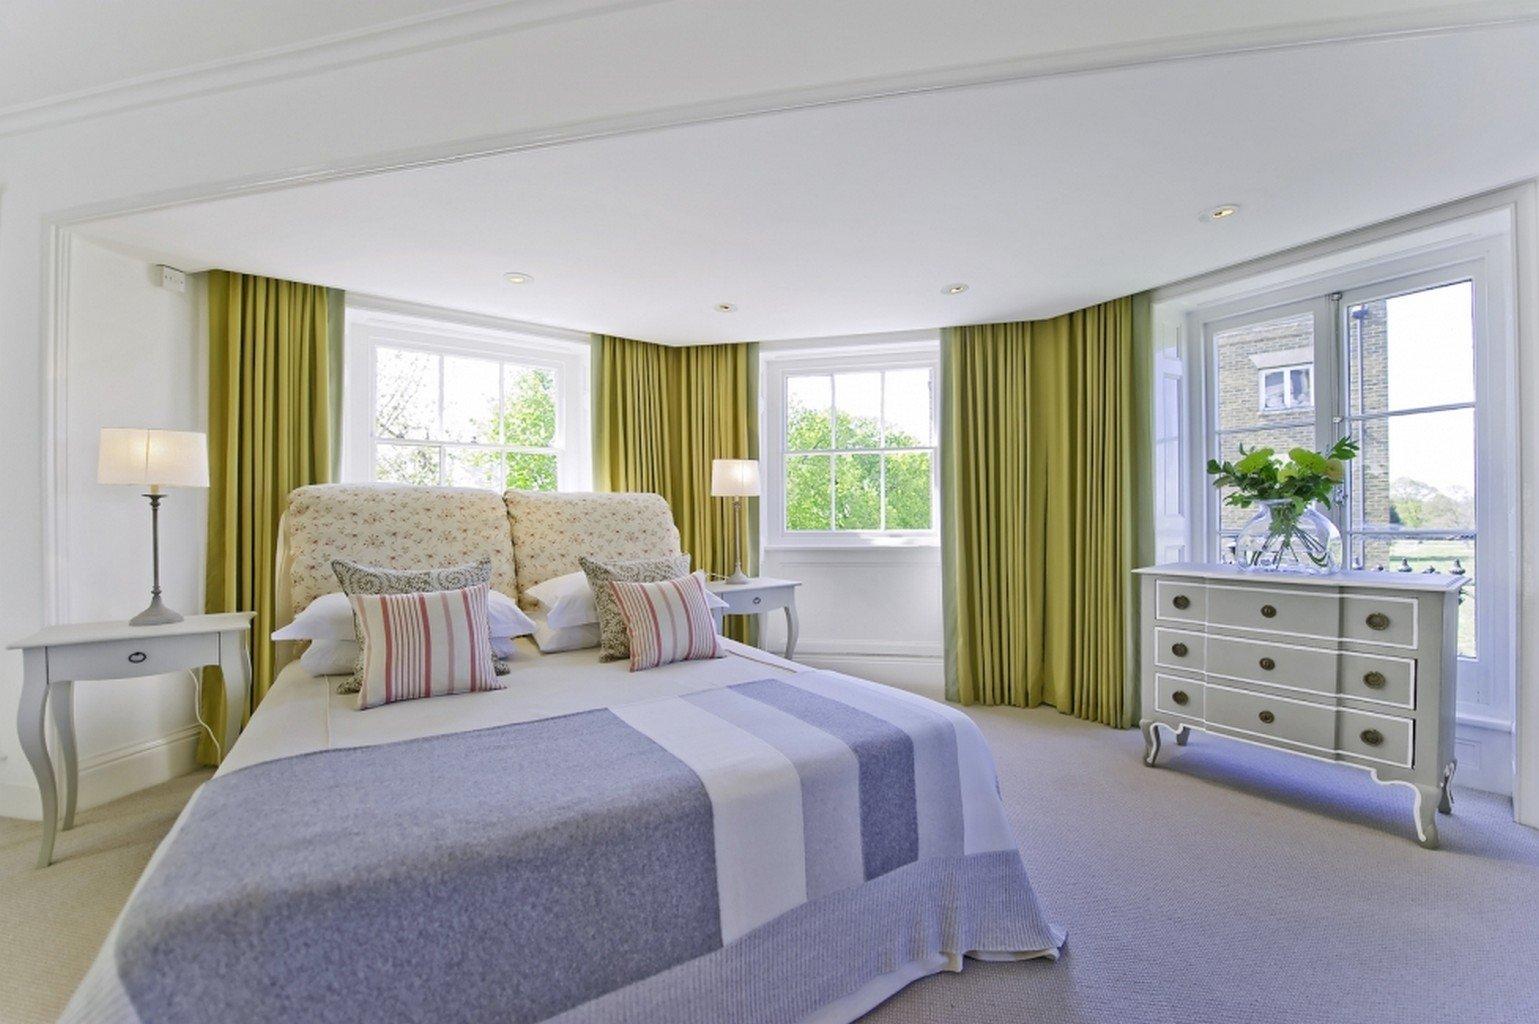 twist pile luxury carpet in bedroom